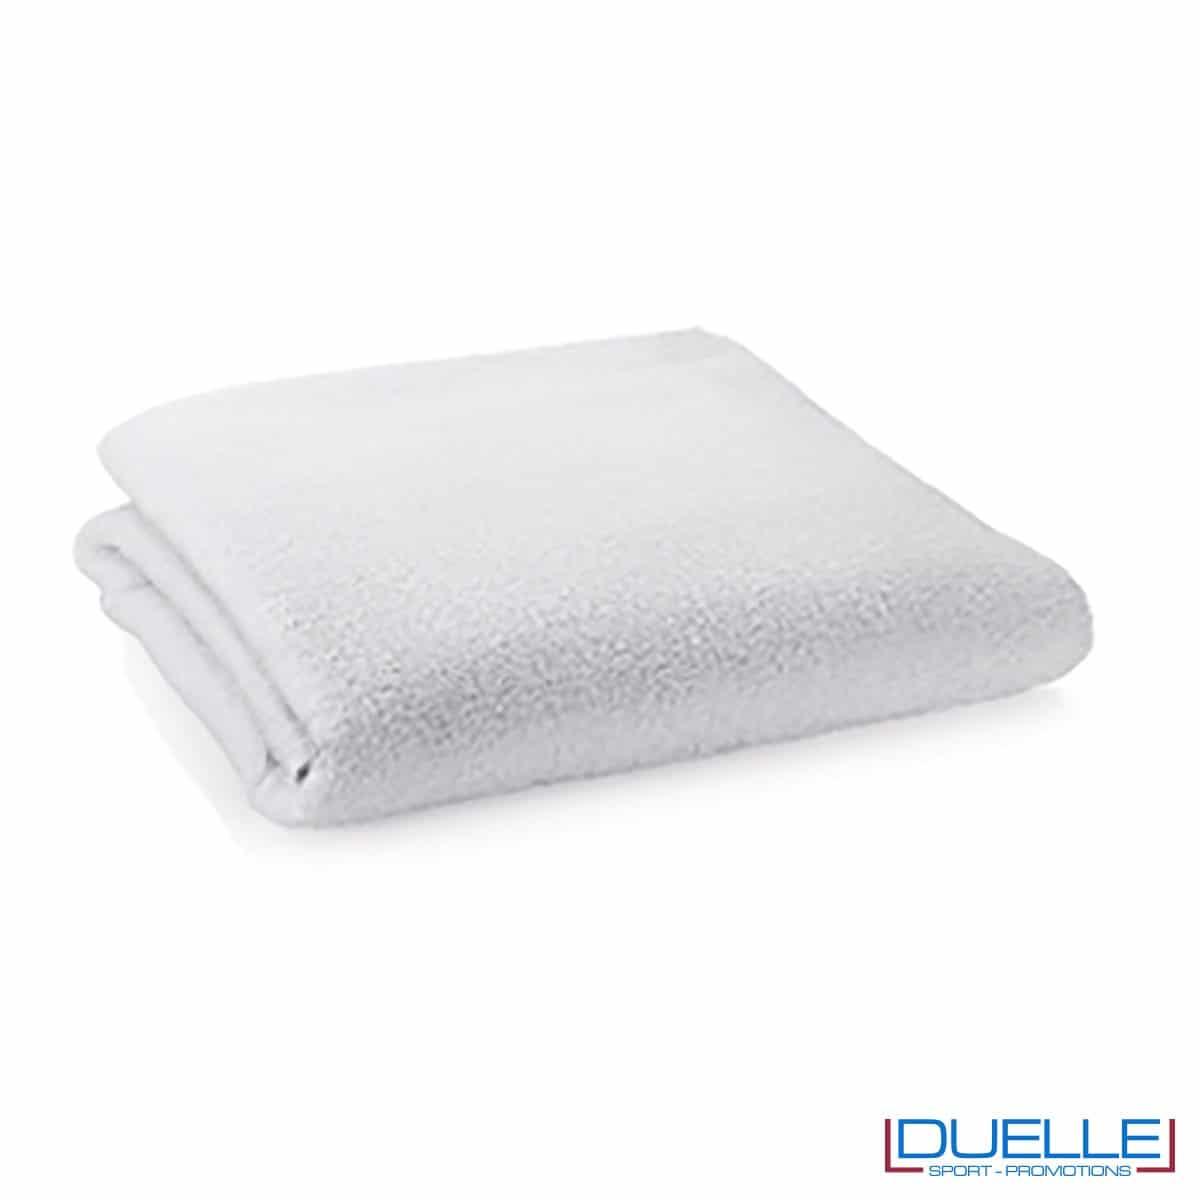 telo personalizzato mare cotone bianco, gadget mare, gadget estate, gadget promozionali 100% cotone